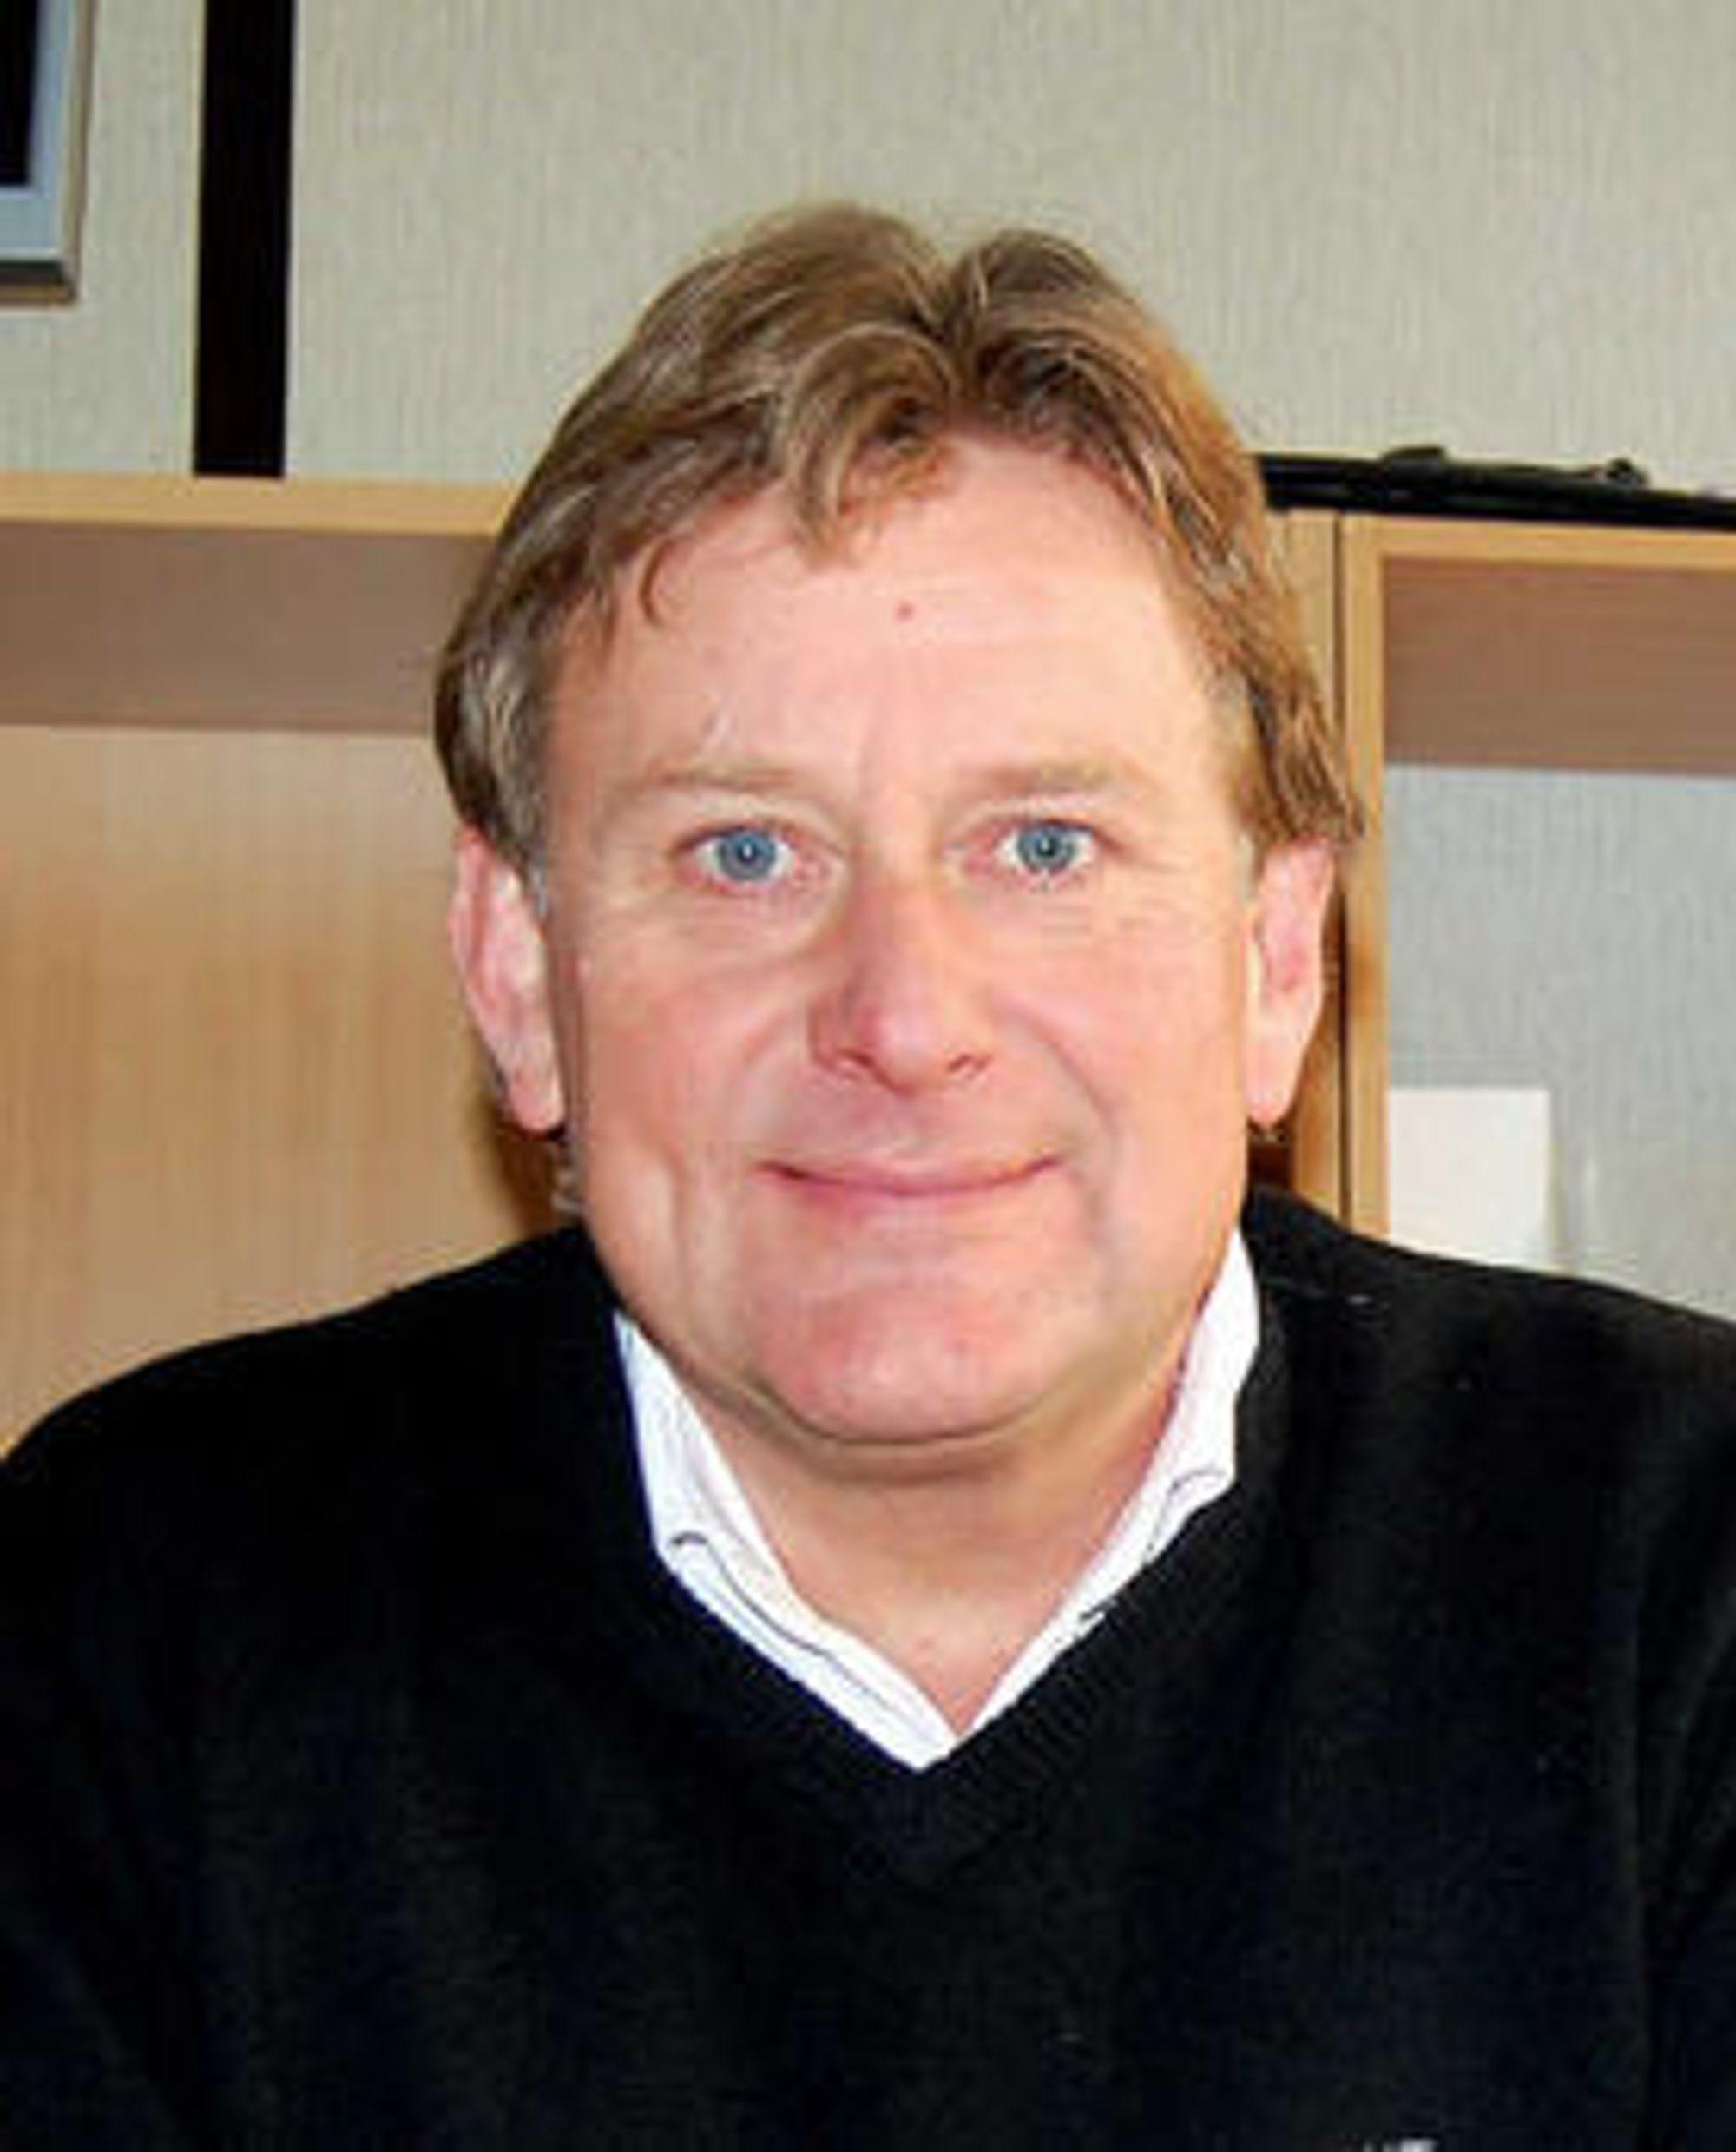 Kundene vil få bedre rammebetingelser og muligheter som følge av oppkjøpet mener NDS-gründer og styreformann Morten Østberg.